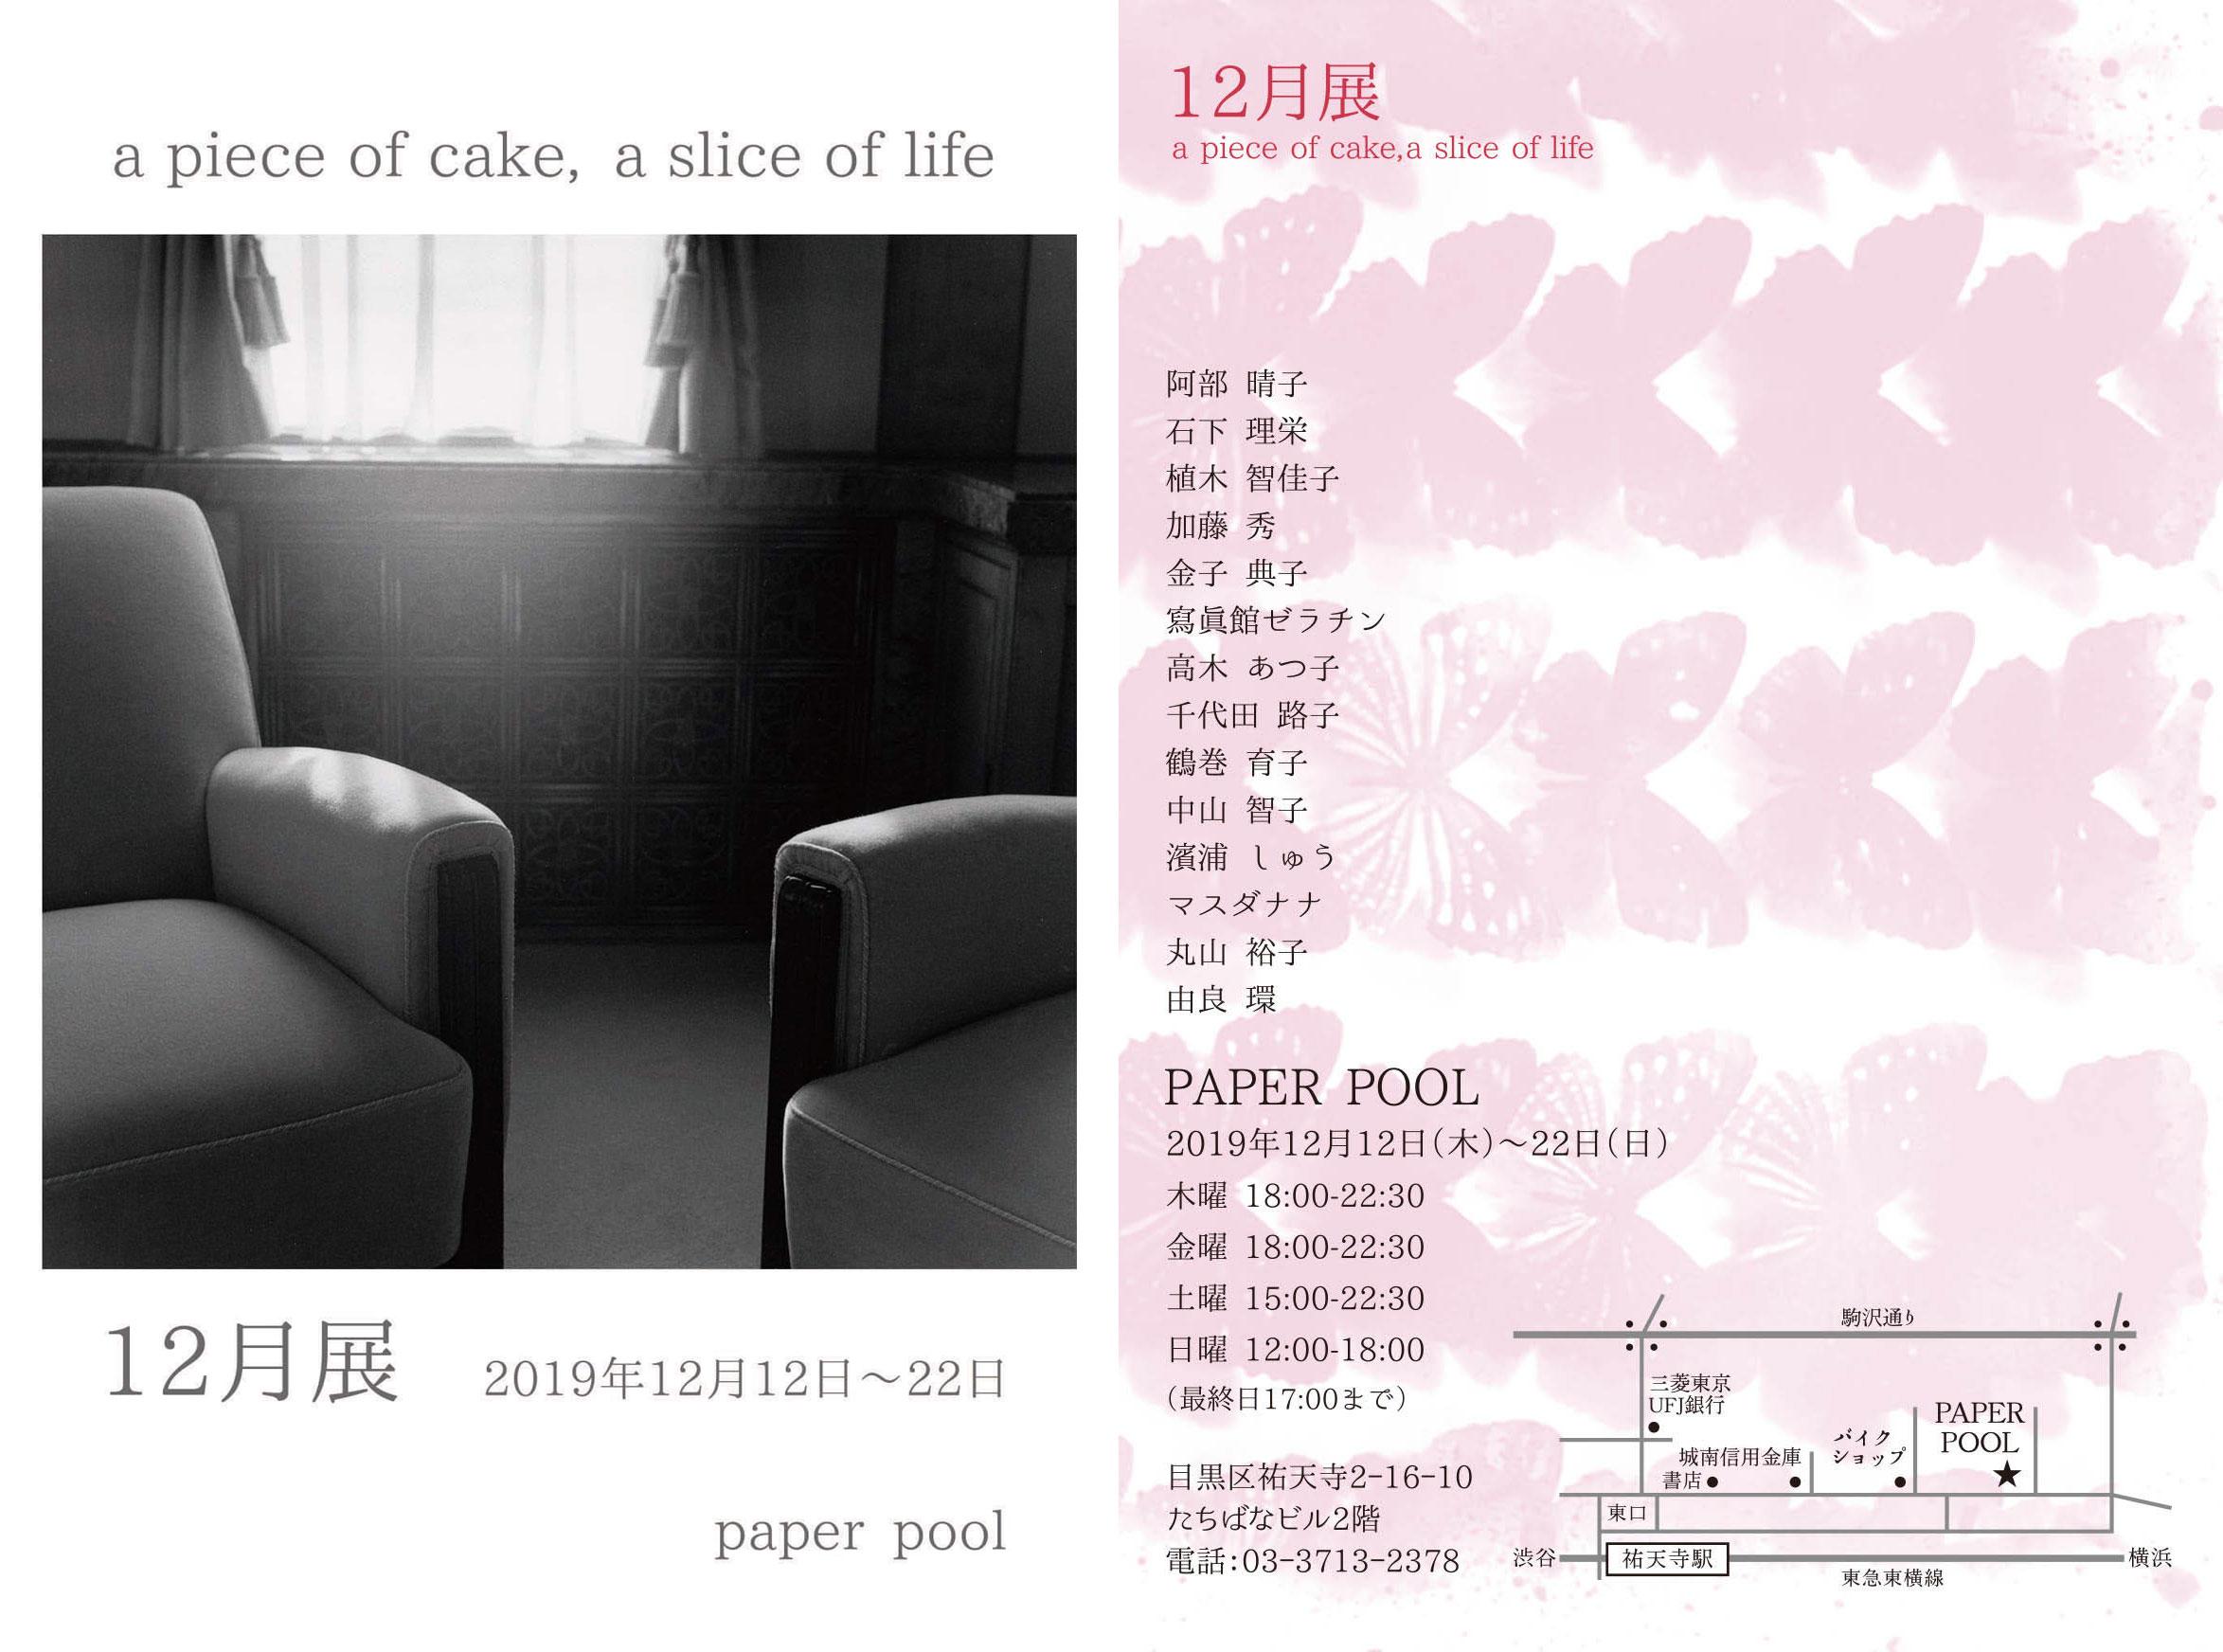 12月展 - a piece of cake, a slice of life